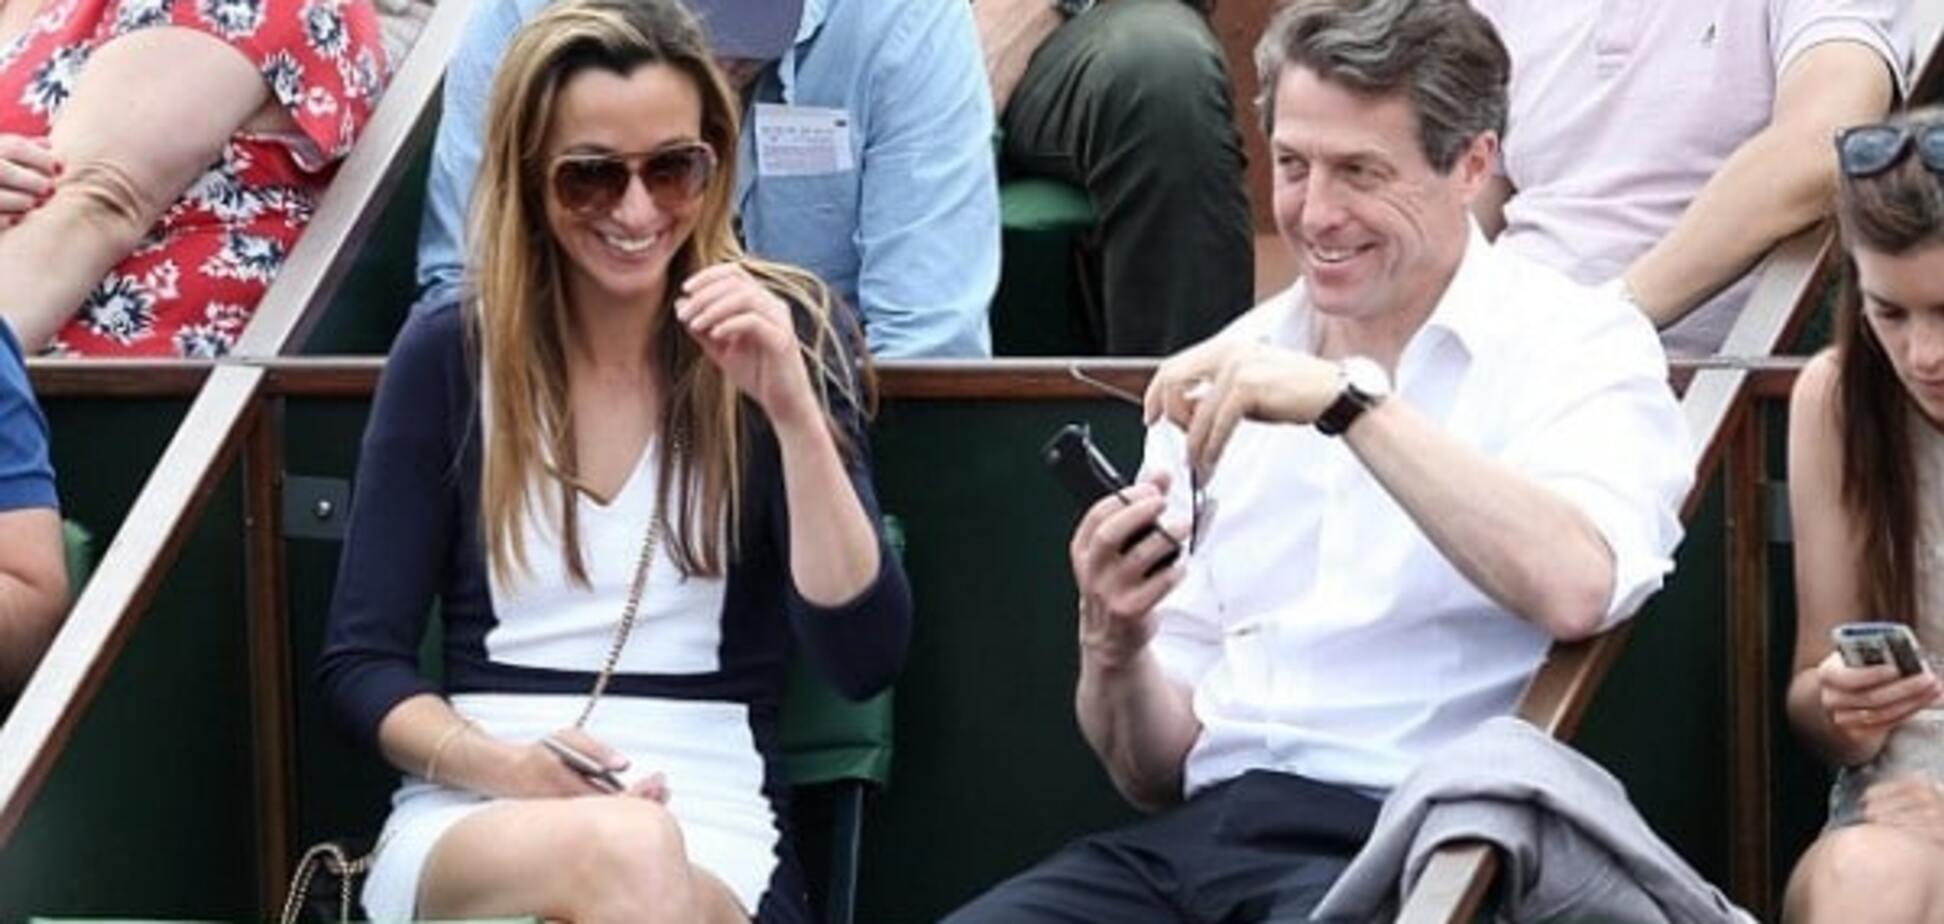 Постаревший Хью Грант с возлюбленной посетили теннисный матч в Нью-Йорке